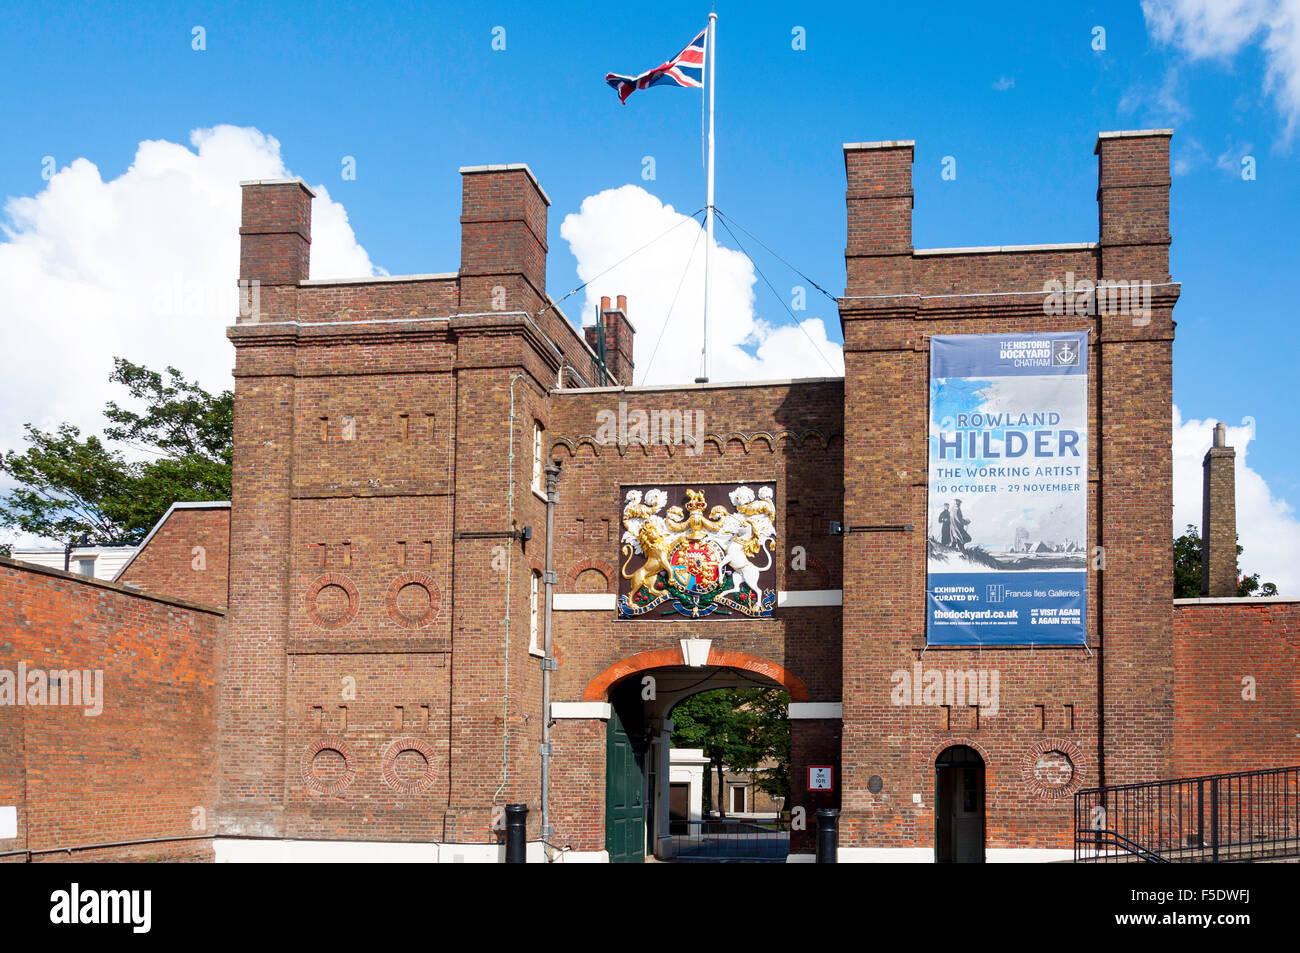 Entrance gate to Chatham Historic Dockyard, Chatham, Kent, England, United Kingdom - Stock Image